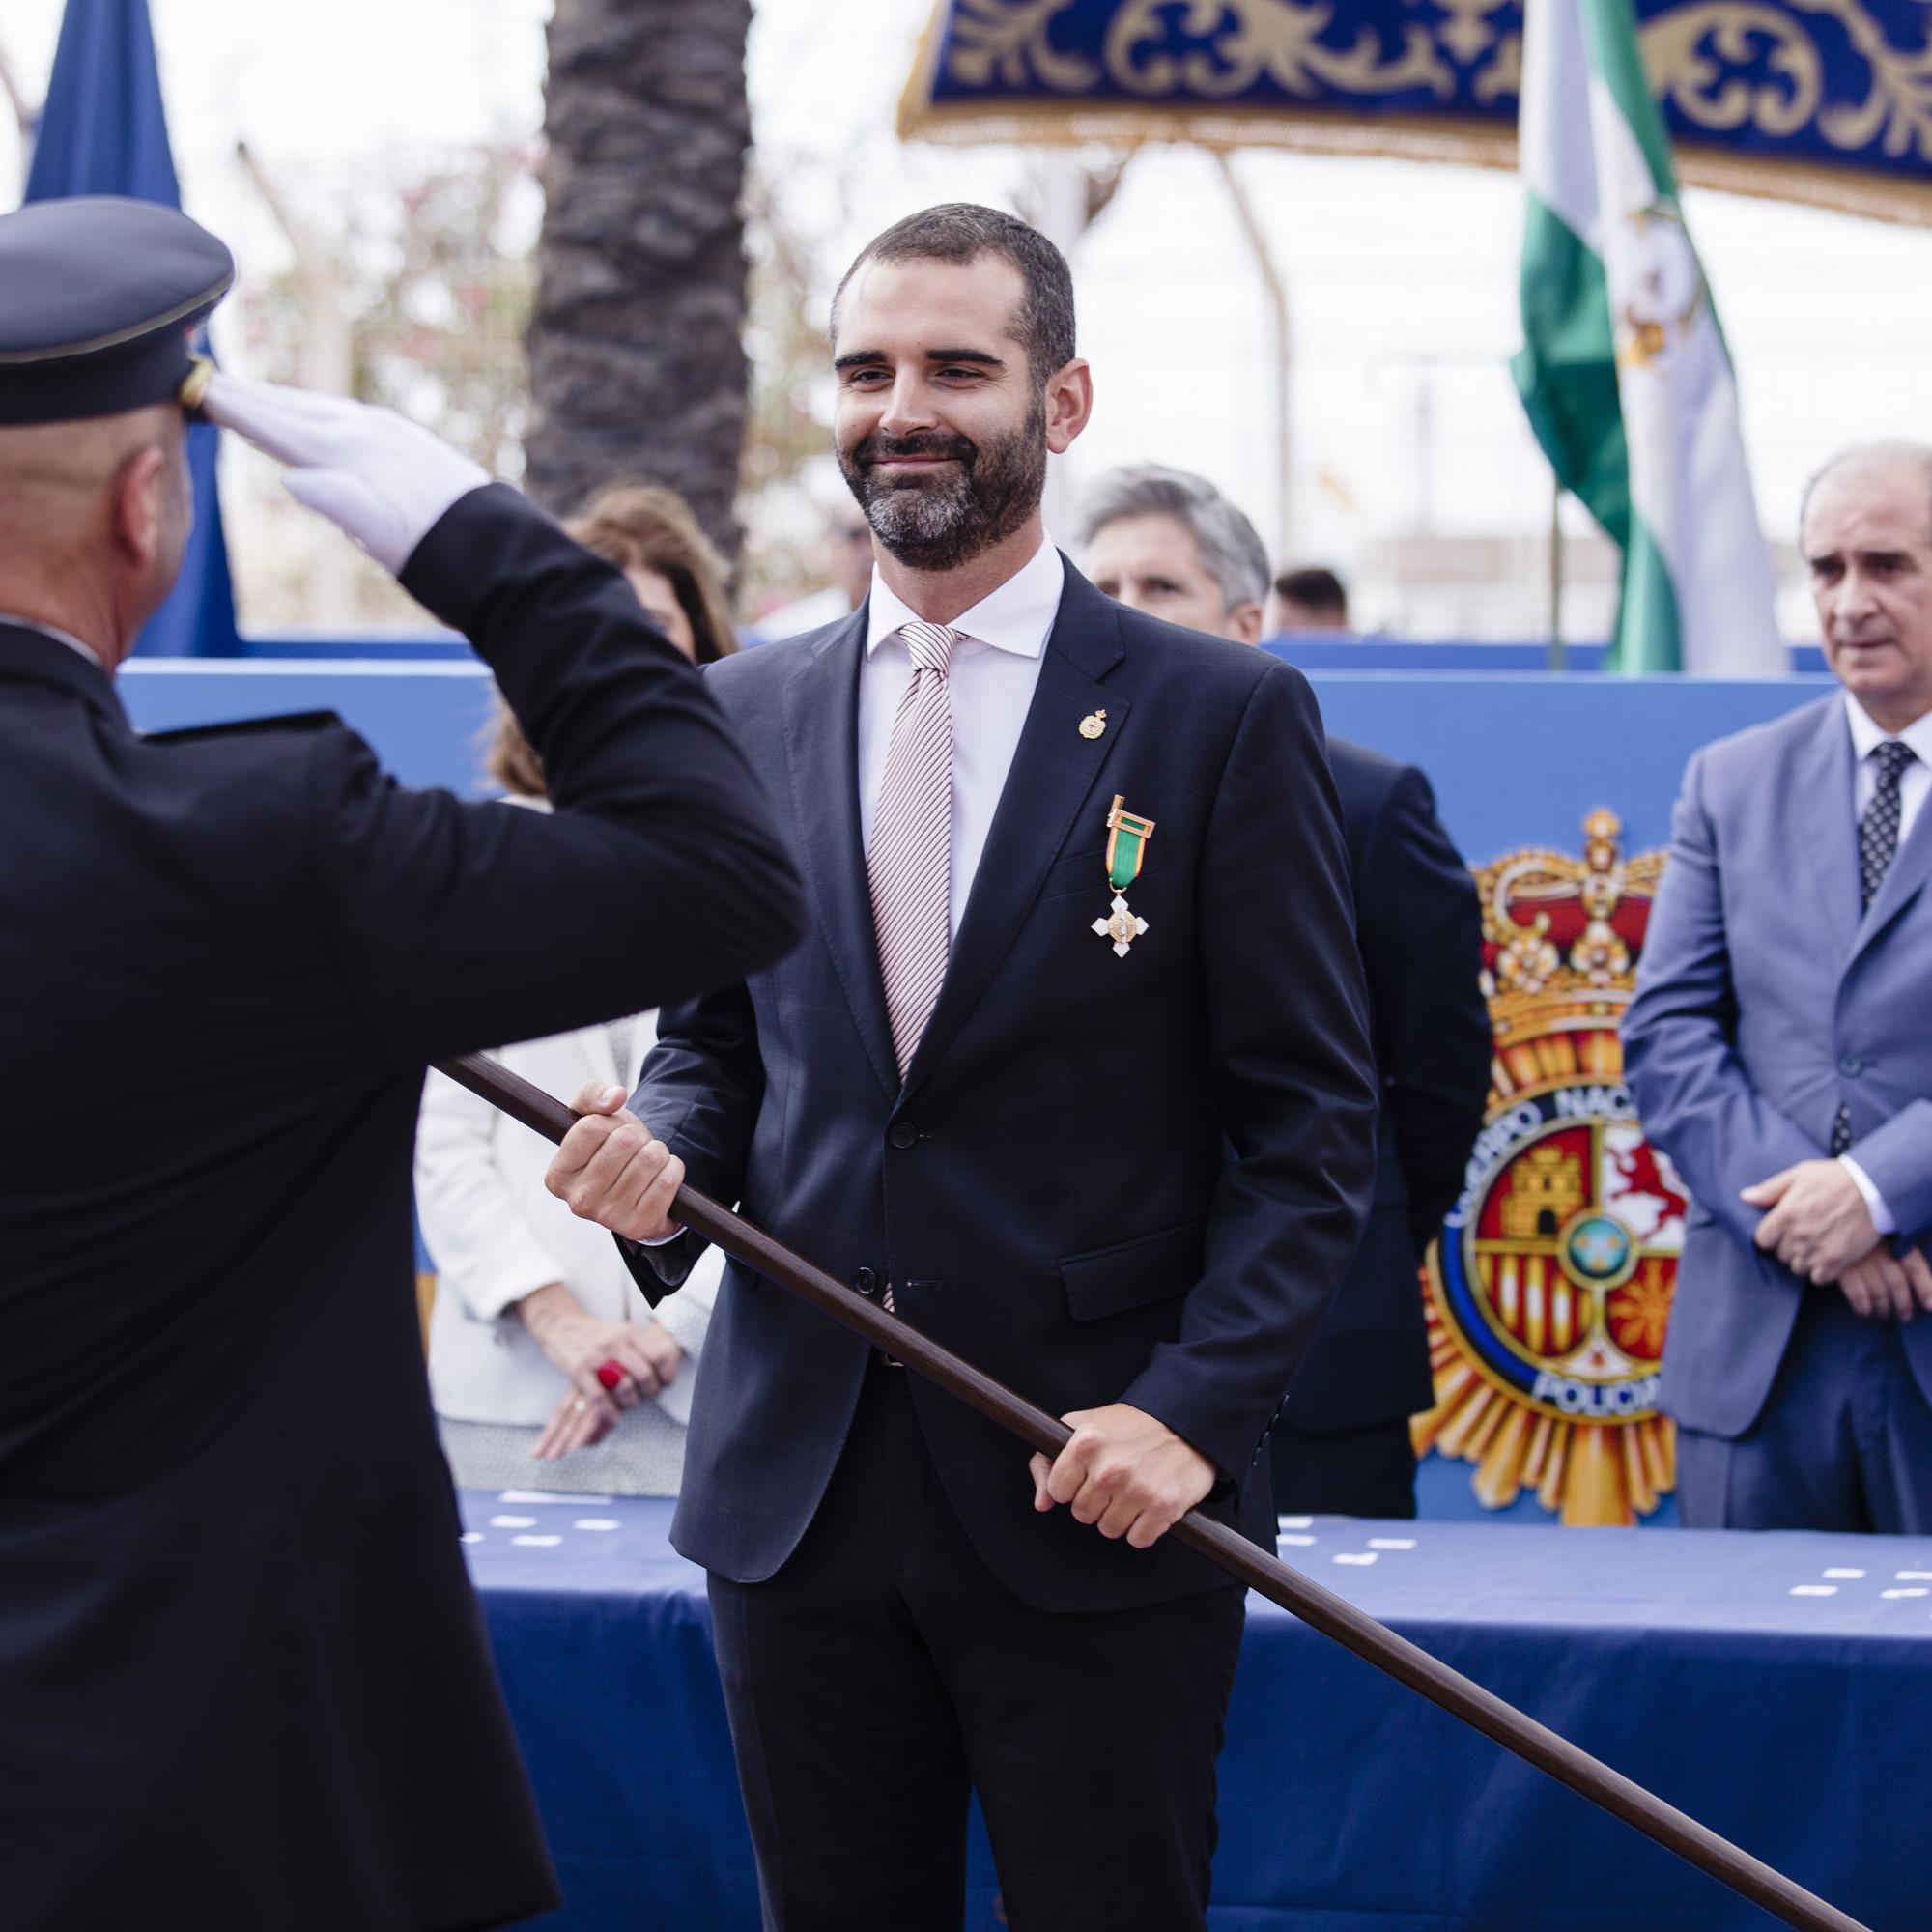 """El alcalde recibe la medalla al mérito policial con distintivo blanco y lo hace """"en nombre de Almería, una ciudad orgullosa y agradecida a la Policía"""""""